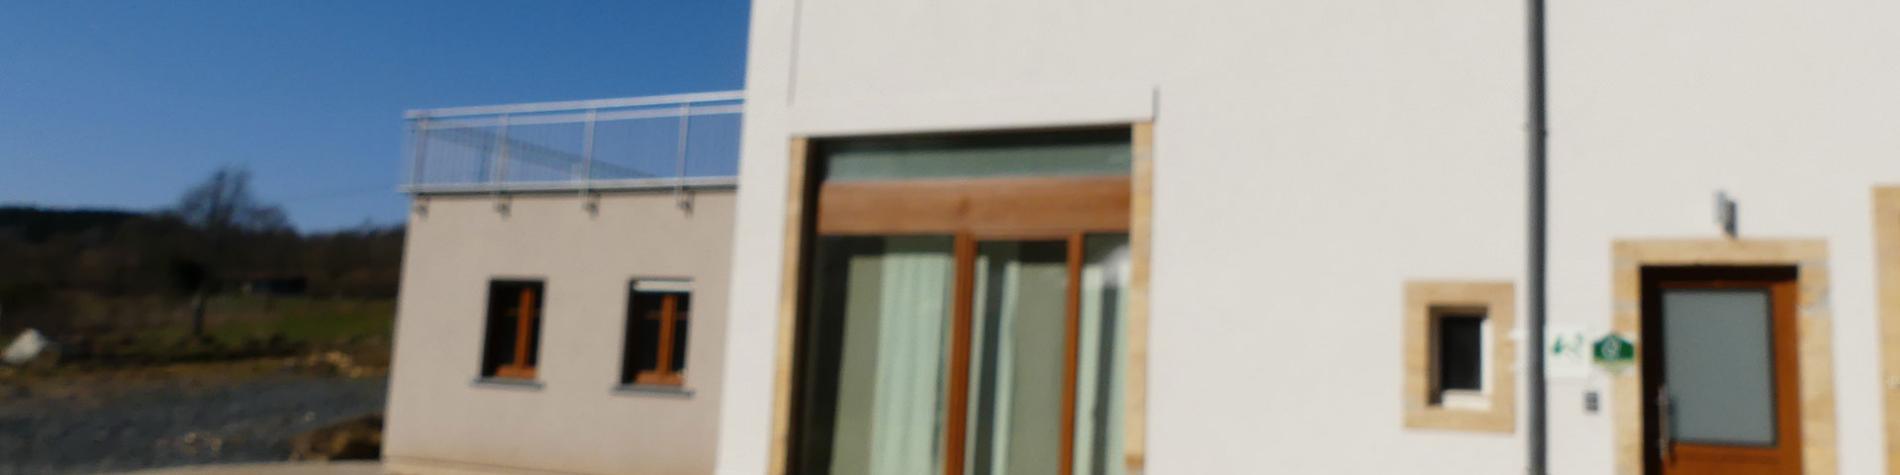 Gîte du Pâquis - près de Florenville - agréable appartement - rez-de-chaussée - 4 personnes